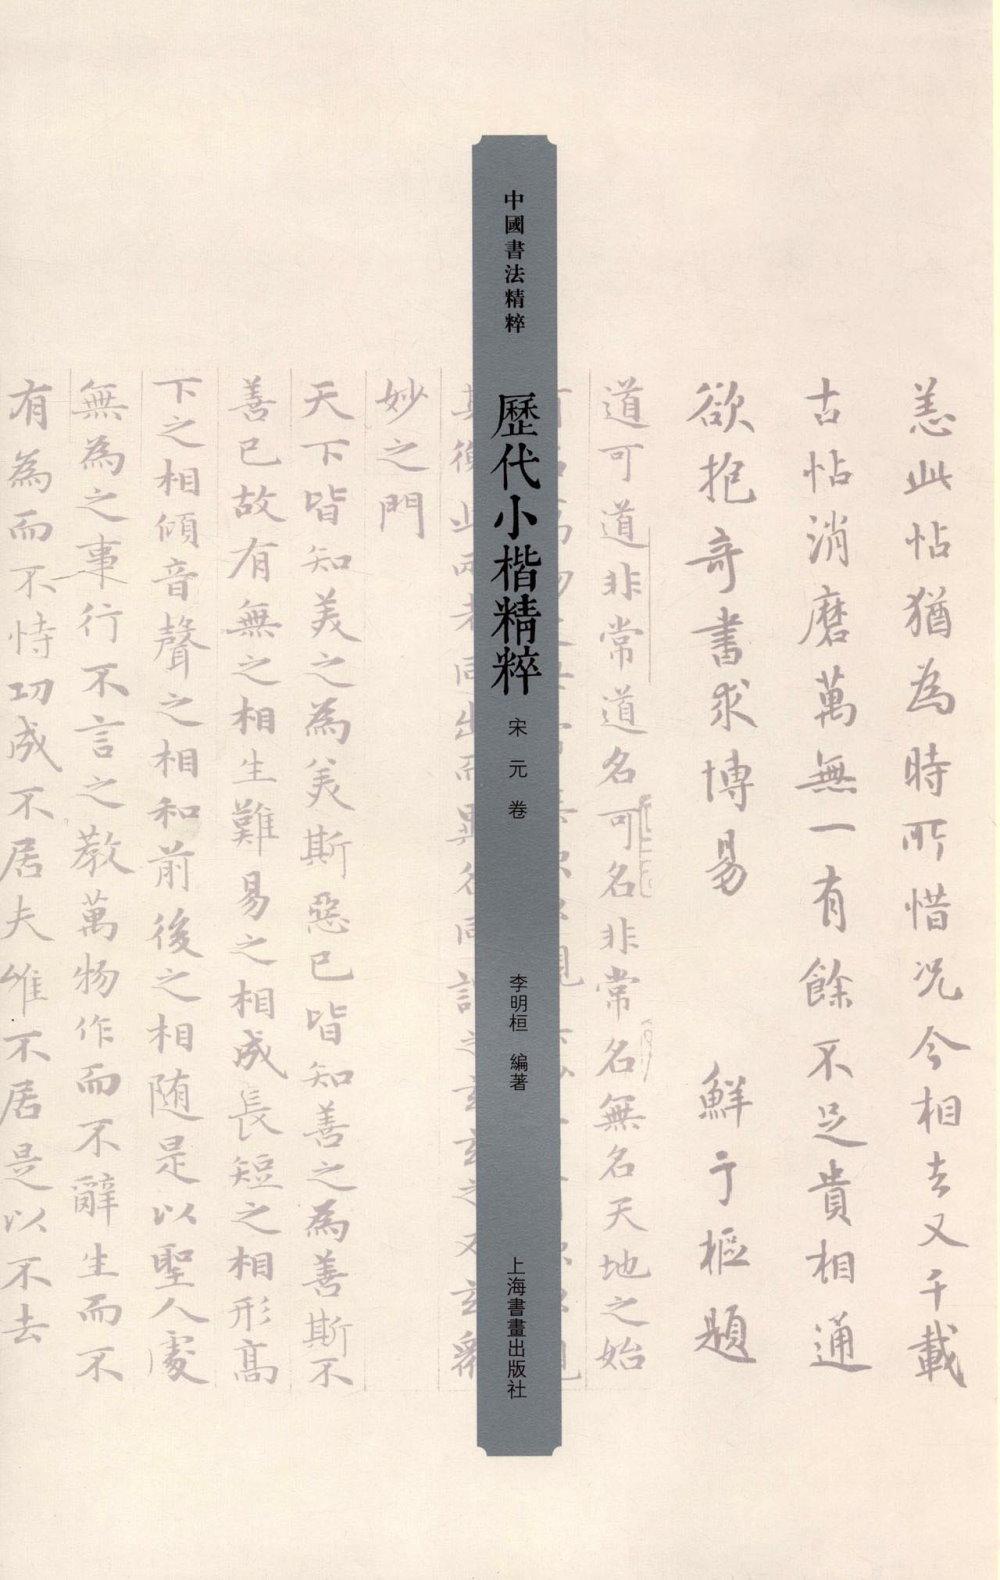 歷代小楷精粹:宋元卷